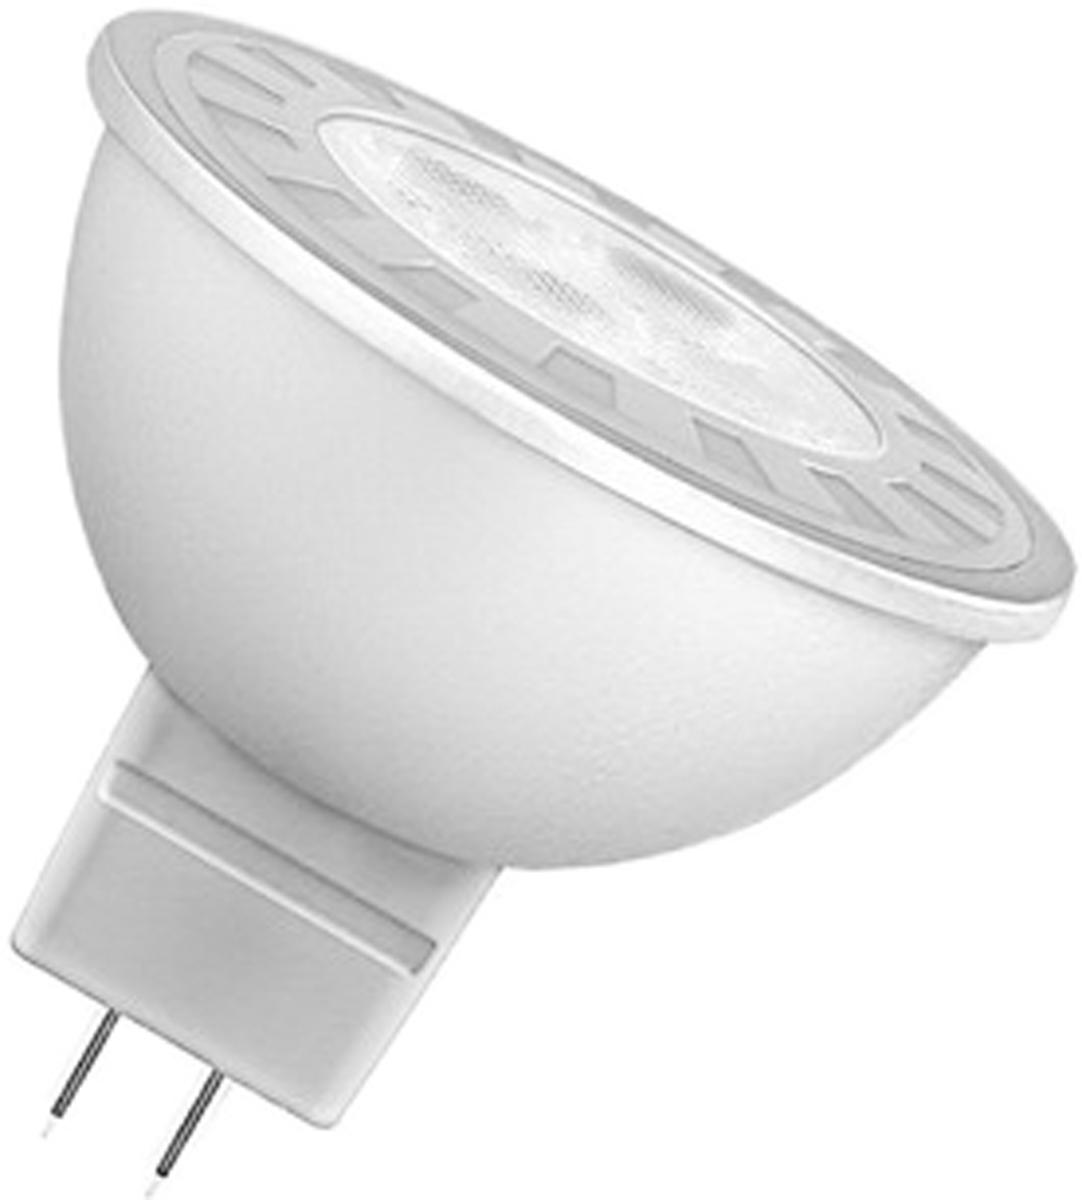 Лампа светодиодная Osram Star MR16 35 35 6.5W/827 12V GU5.3 40528992170654052899217065Светодиодные энергосберегающие лампы потребляют на 70% меньше электроэнергии, что не только экономит деньги, но и снижает нагрузку на проводку. Свет, который излучают светодиодные светильники, не раздражает глаза и может быть разным по интенсивности и световой температуре. Они легко монтируются в стены и потолки, в том числе и в натяжные. Разнообразный дизайн позволяет подобрать светодиодные лампы для любого пространства.